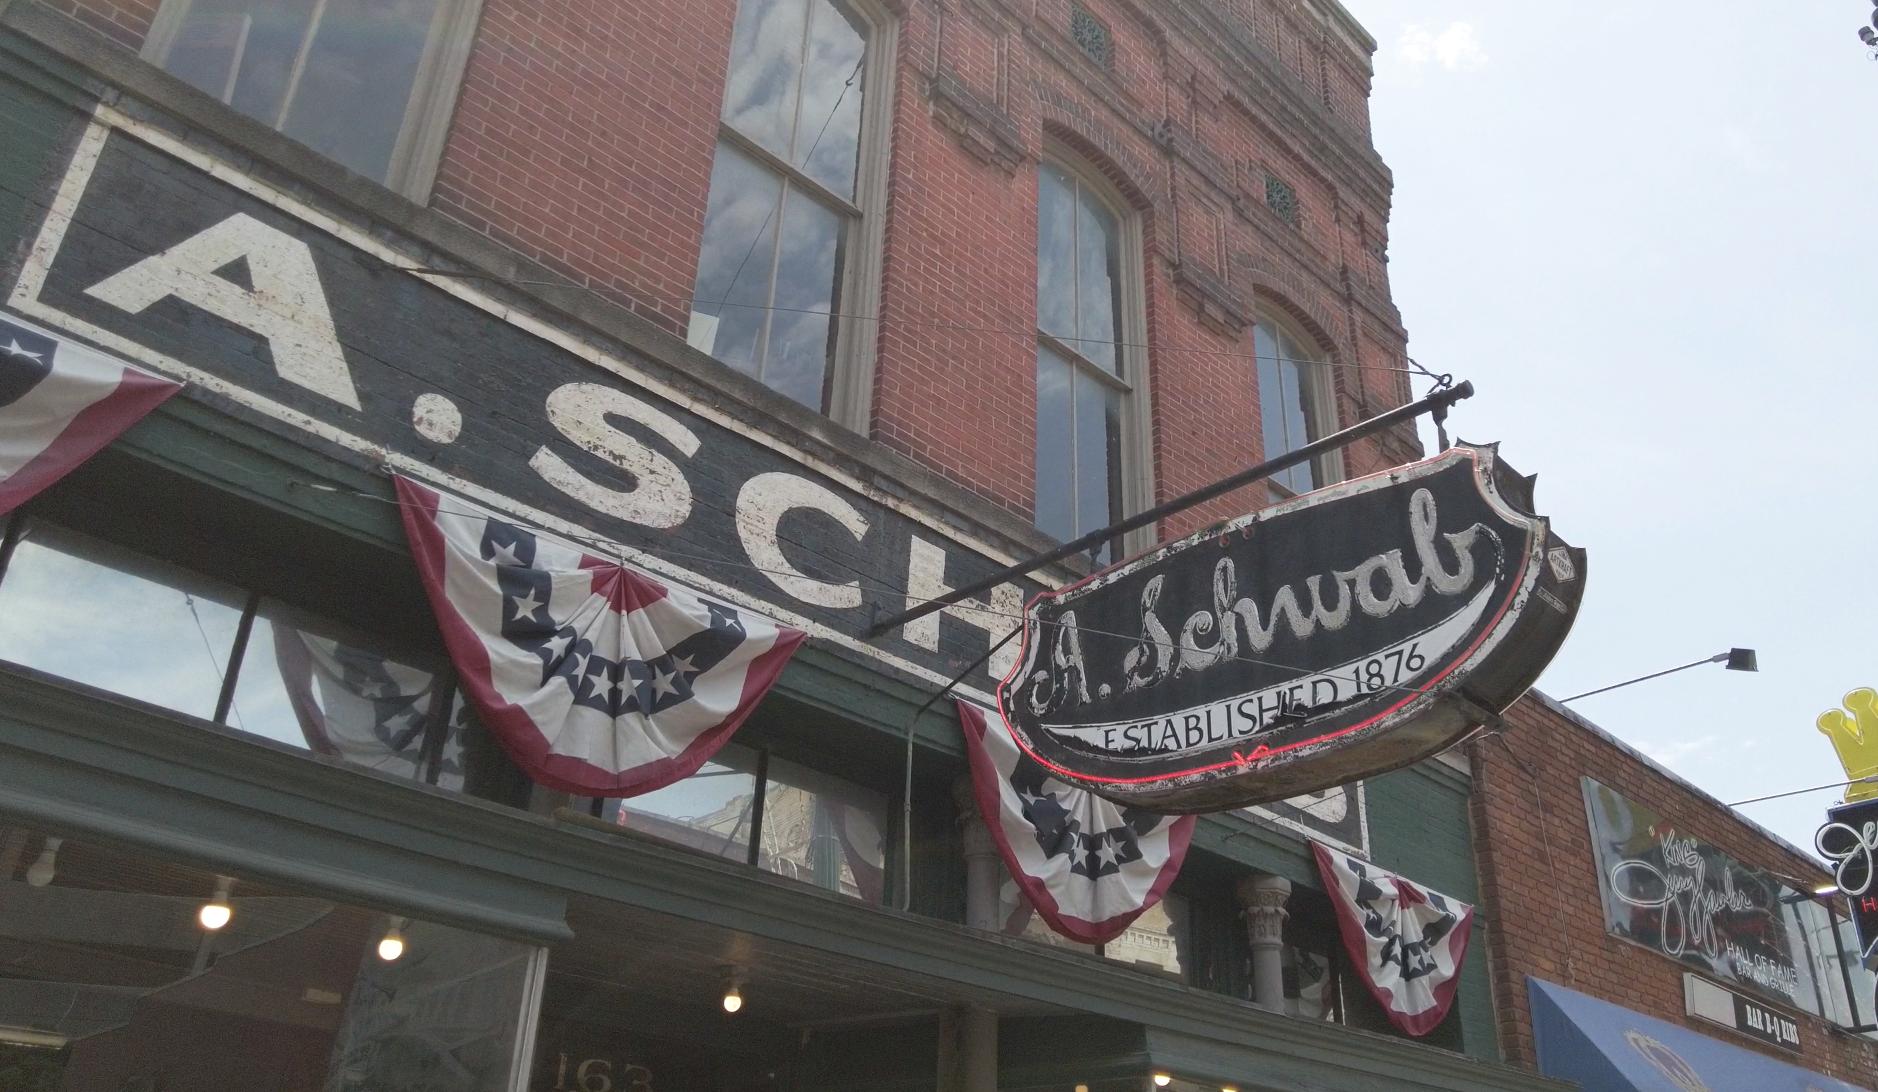 A. Schwab exterior